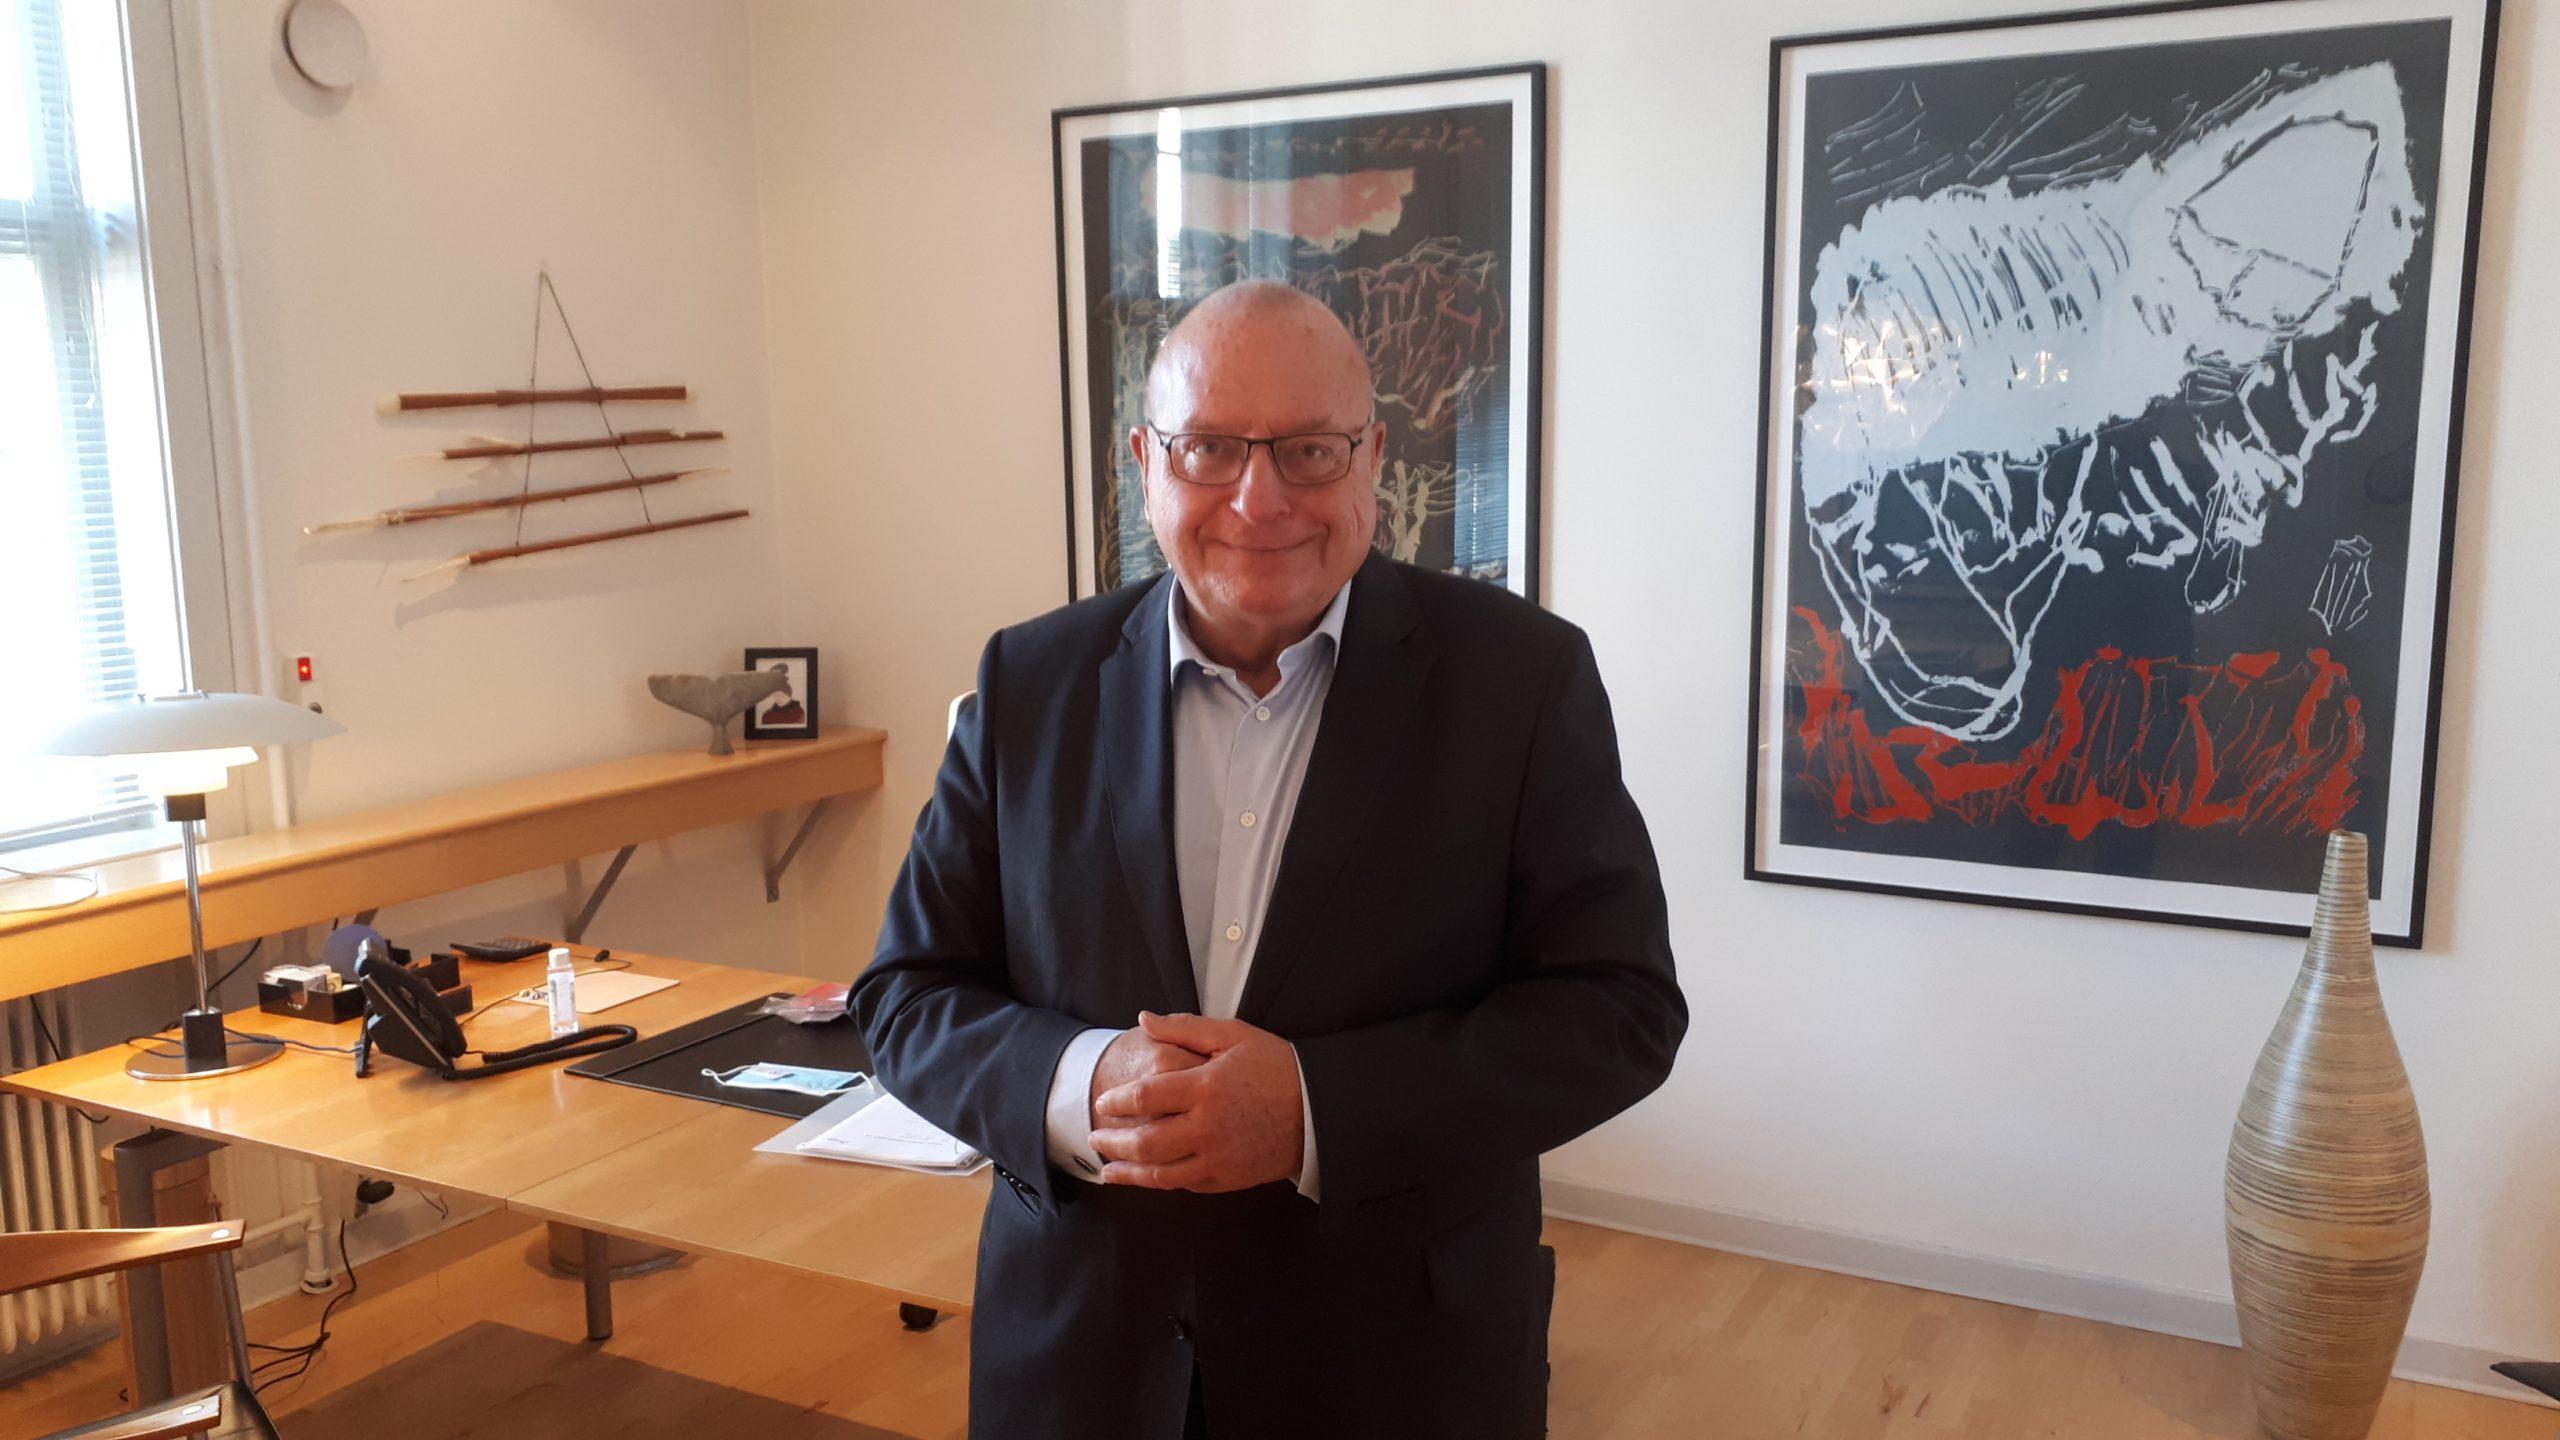 """""""Vi har måttet leve med restriktioner, som ikke altid har givet mening og til tider mere fremstod symbolske end retfærdige,"""" siger HORESTA's bestyrelsesformand, Jens Zimmer Christensen. Foto: Henrik Baumgarten."""